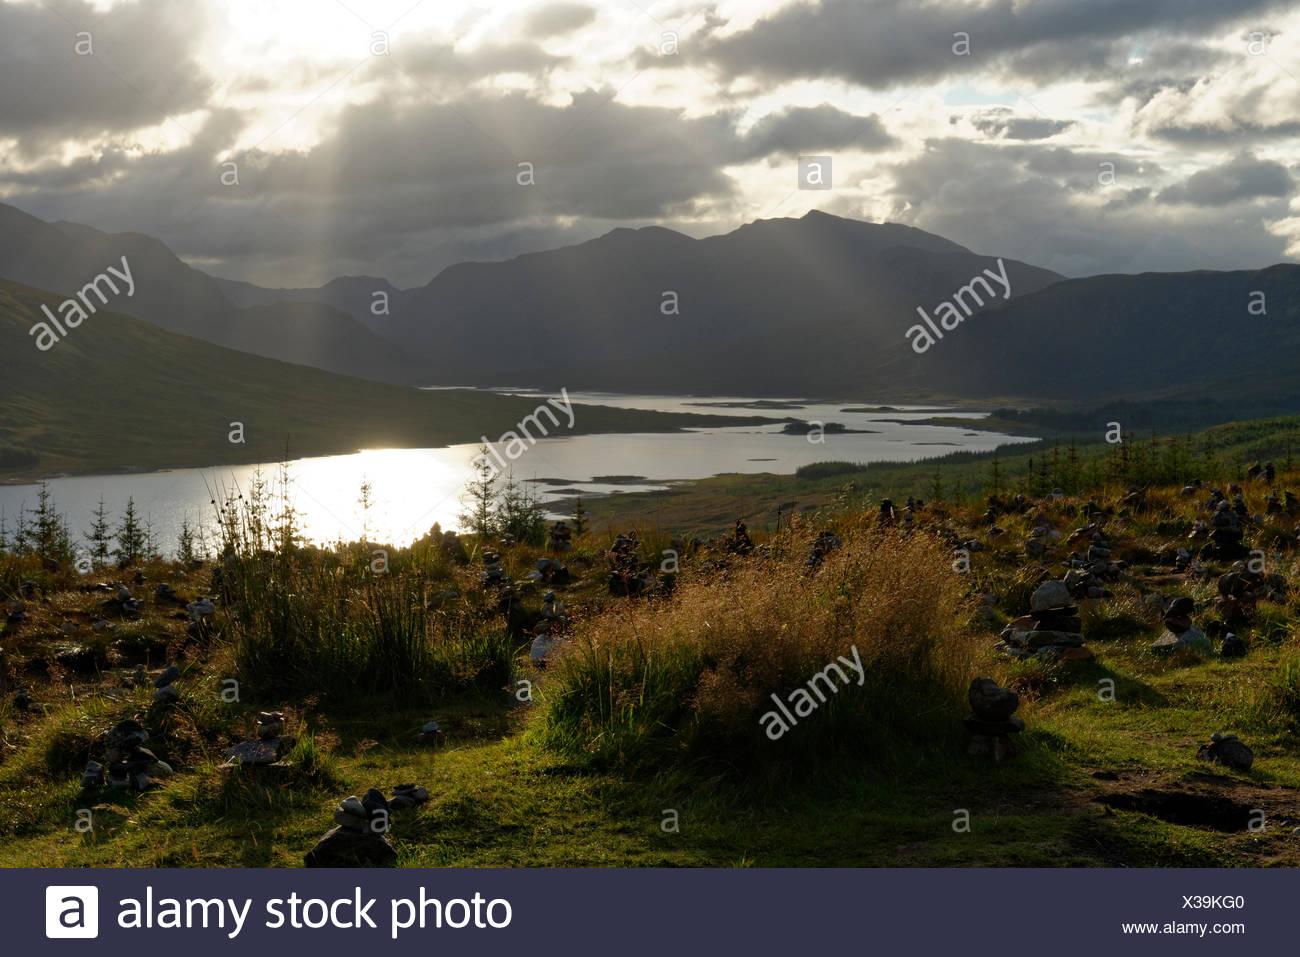 Sonnenuntergang, Sonnenstrahlen am Loch Loyne,   Northwest Highlands, Schottland, Grossbritannien - Stock Image